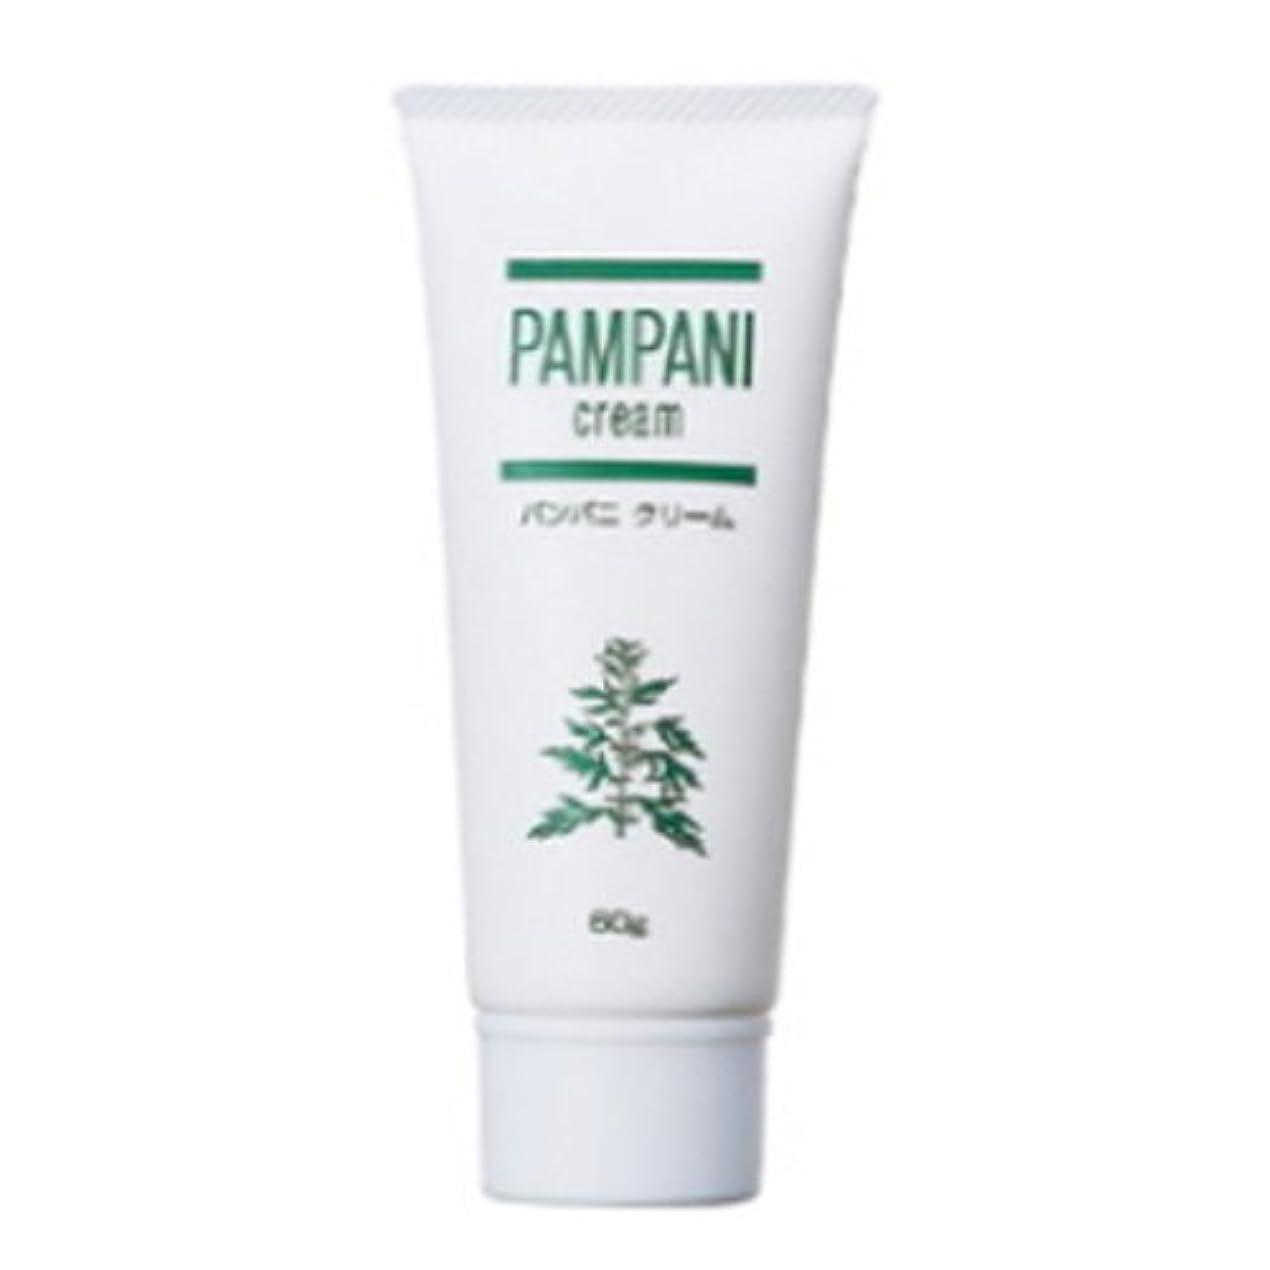 とは異なり聖域不十分なパンパニ(PAMPANI) クリーム 60g